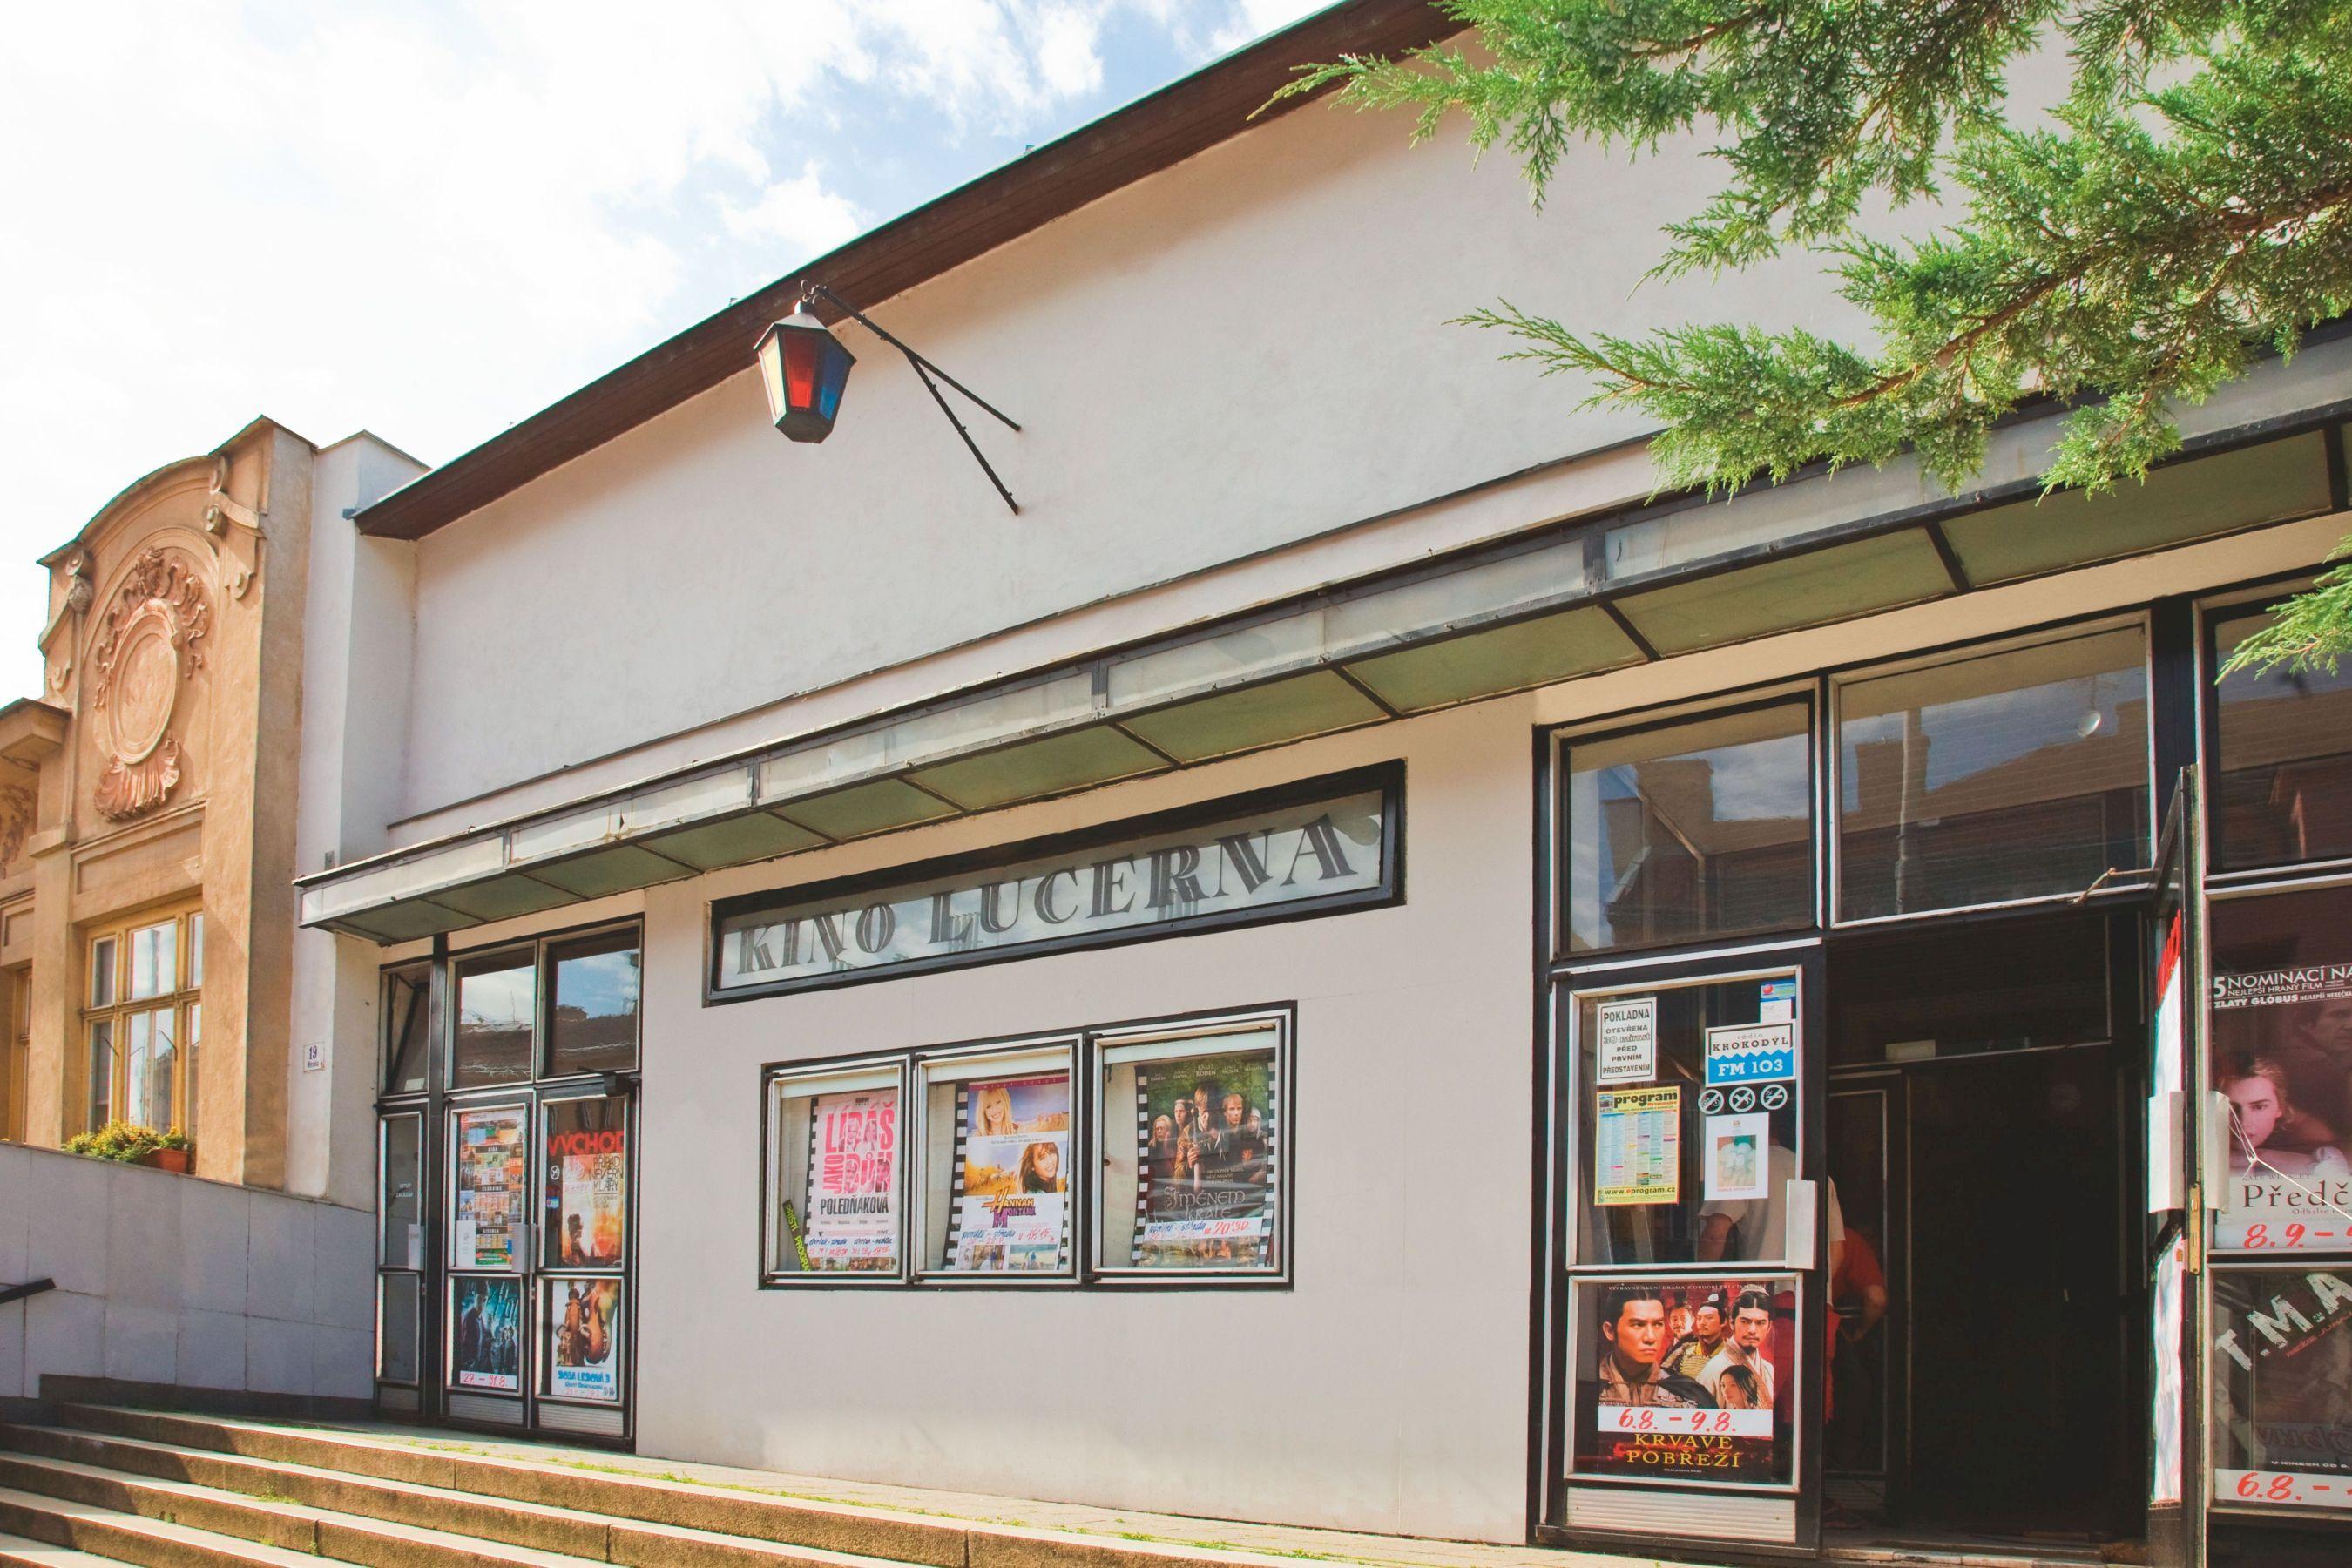 Kino Lucerna v Brně